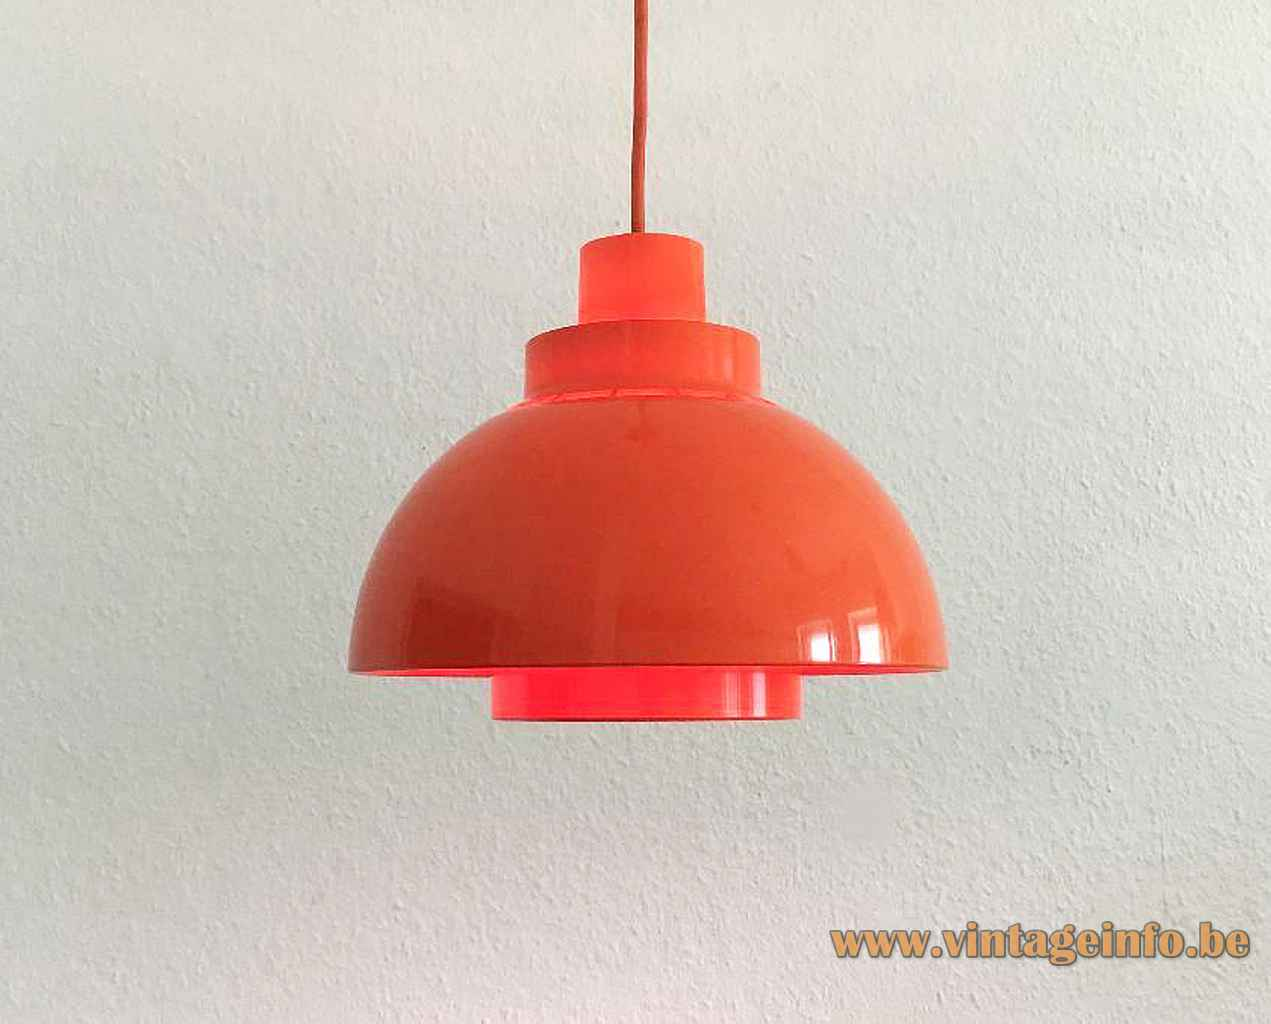 Nordisk Solar Minisol pendant lamp orange plastic mushroom lampshade 1960s design: K. Kewo Denmark E27 socket